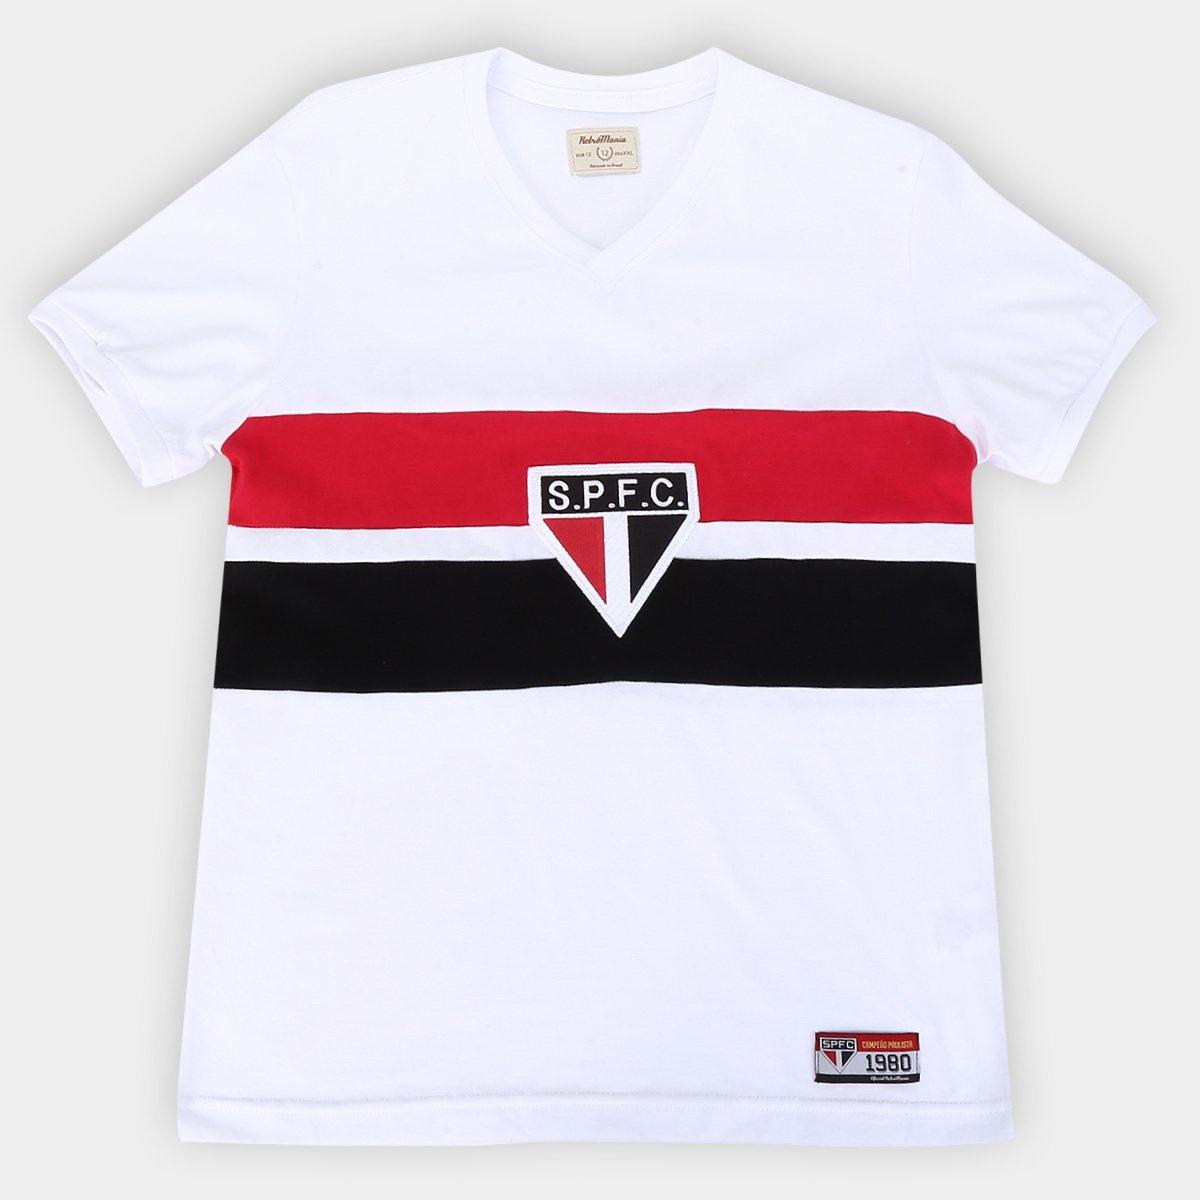 Camisa São Paulo Juvenil 1980 Retrô Mania